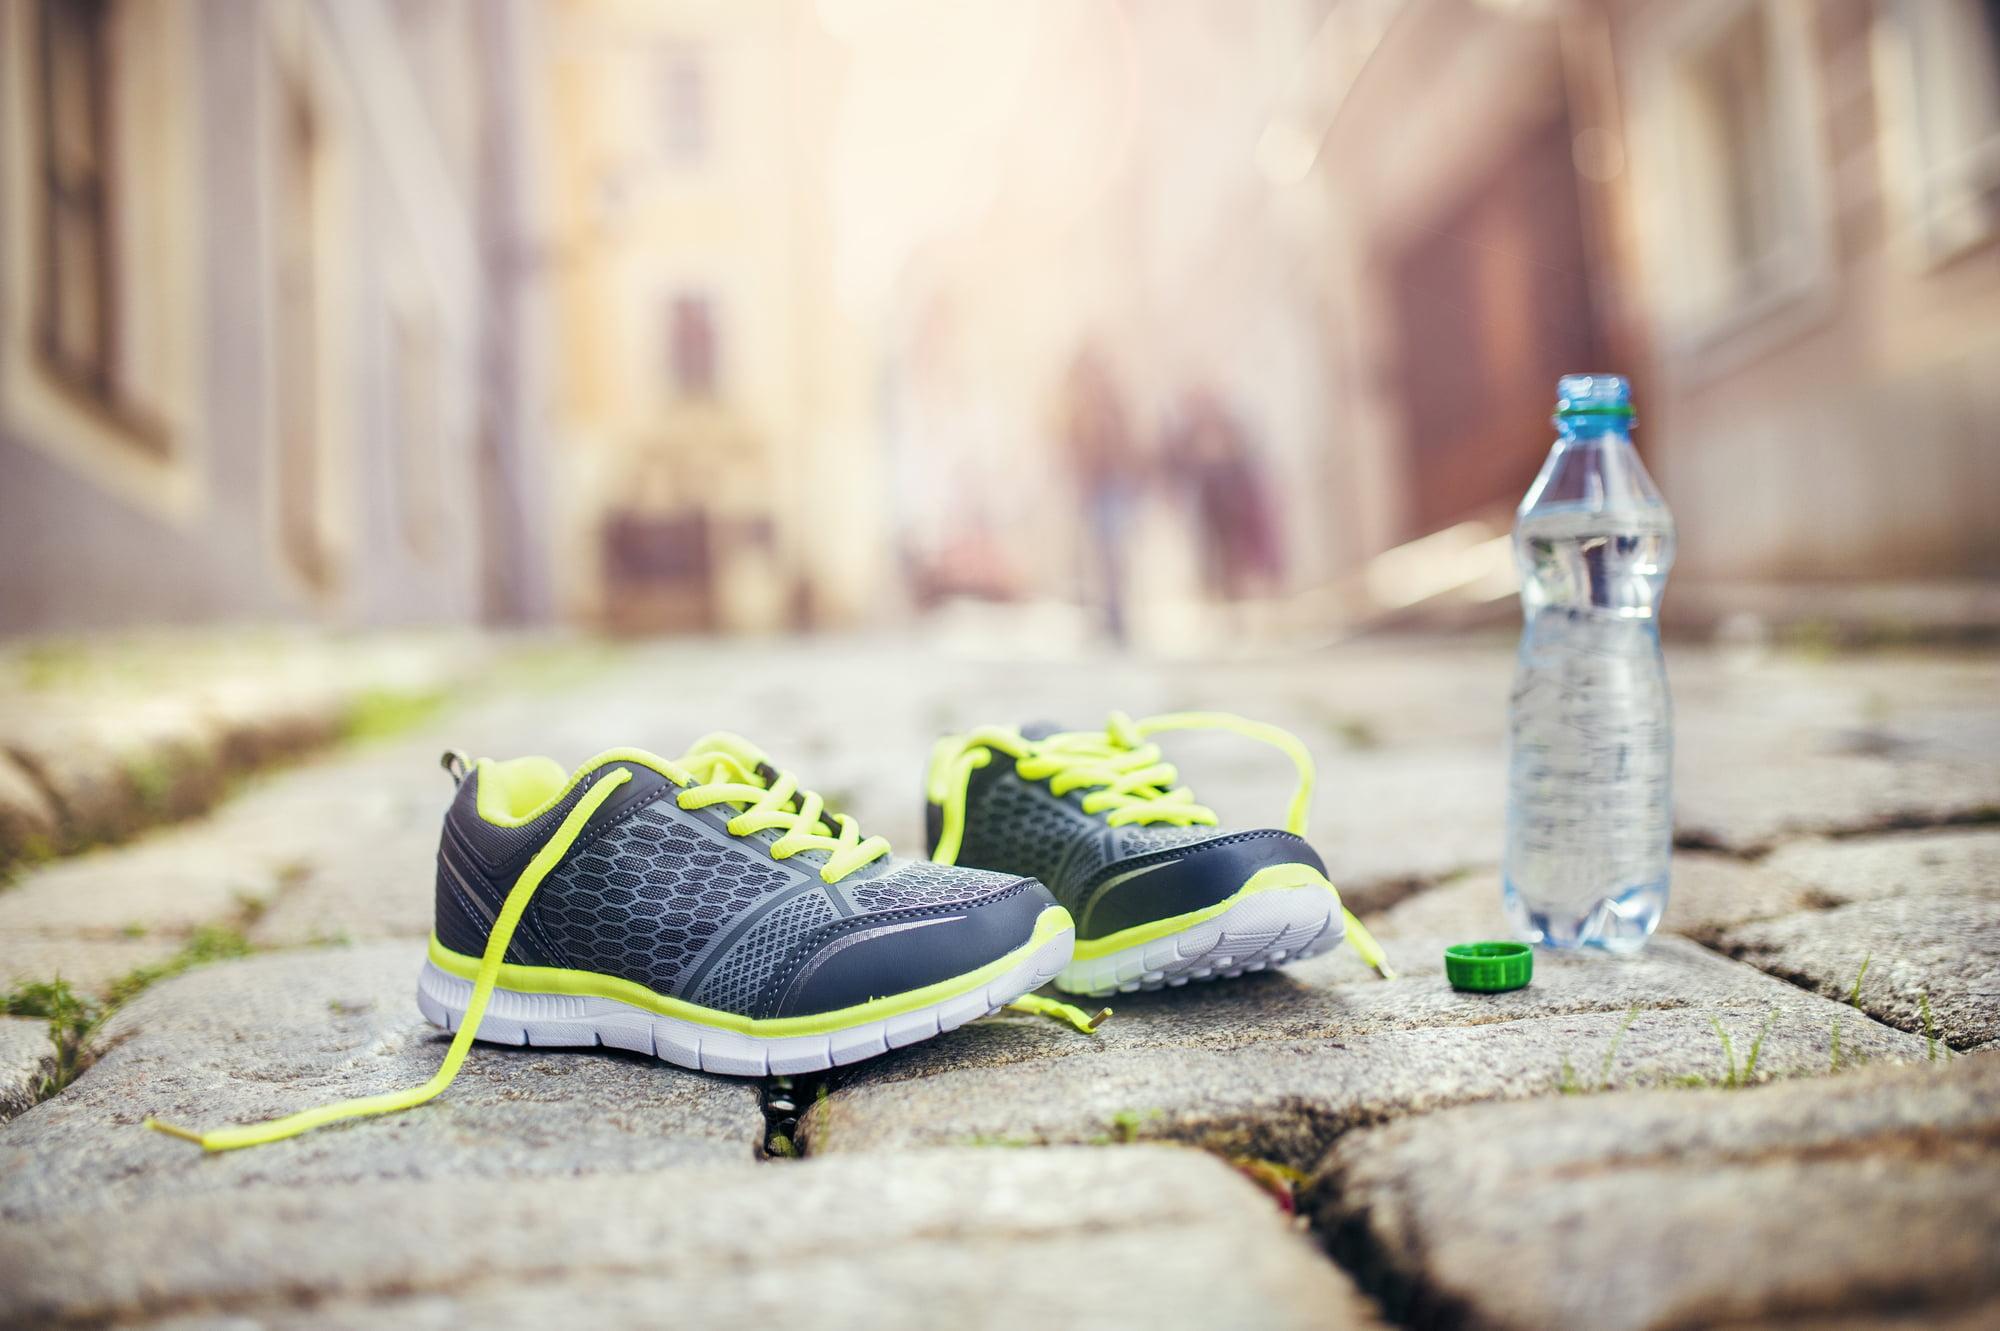 Water tijdens hardlopen meenemen